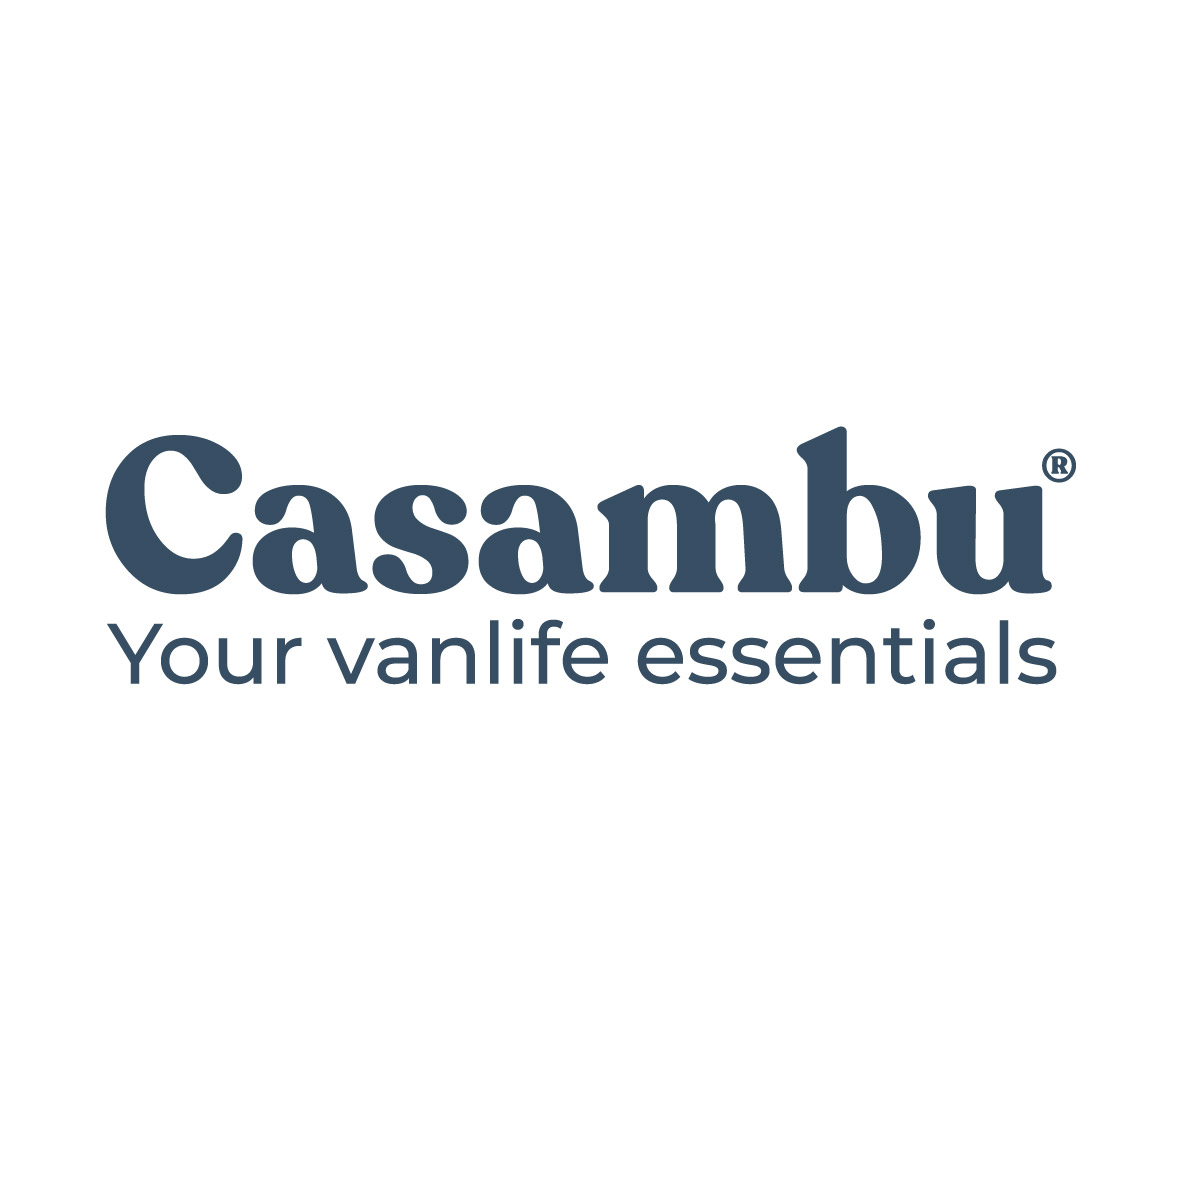 logo Casambu